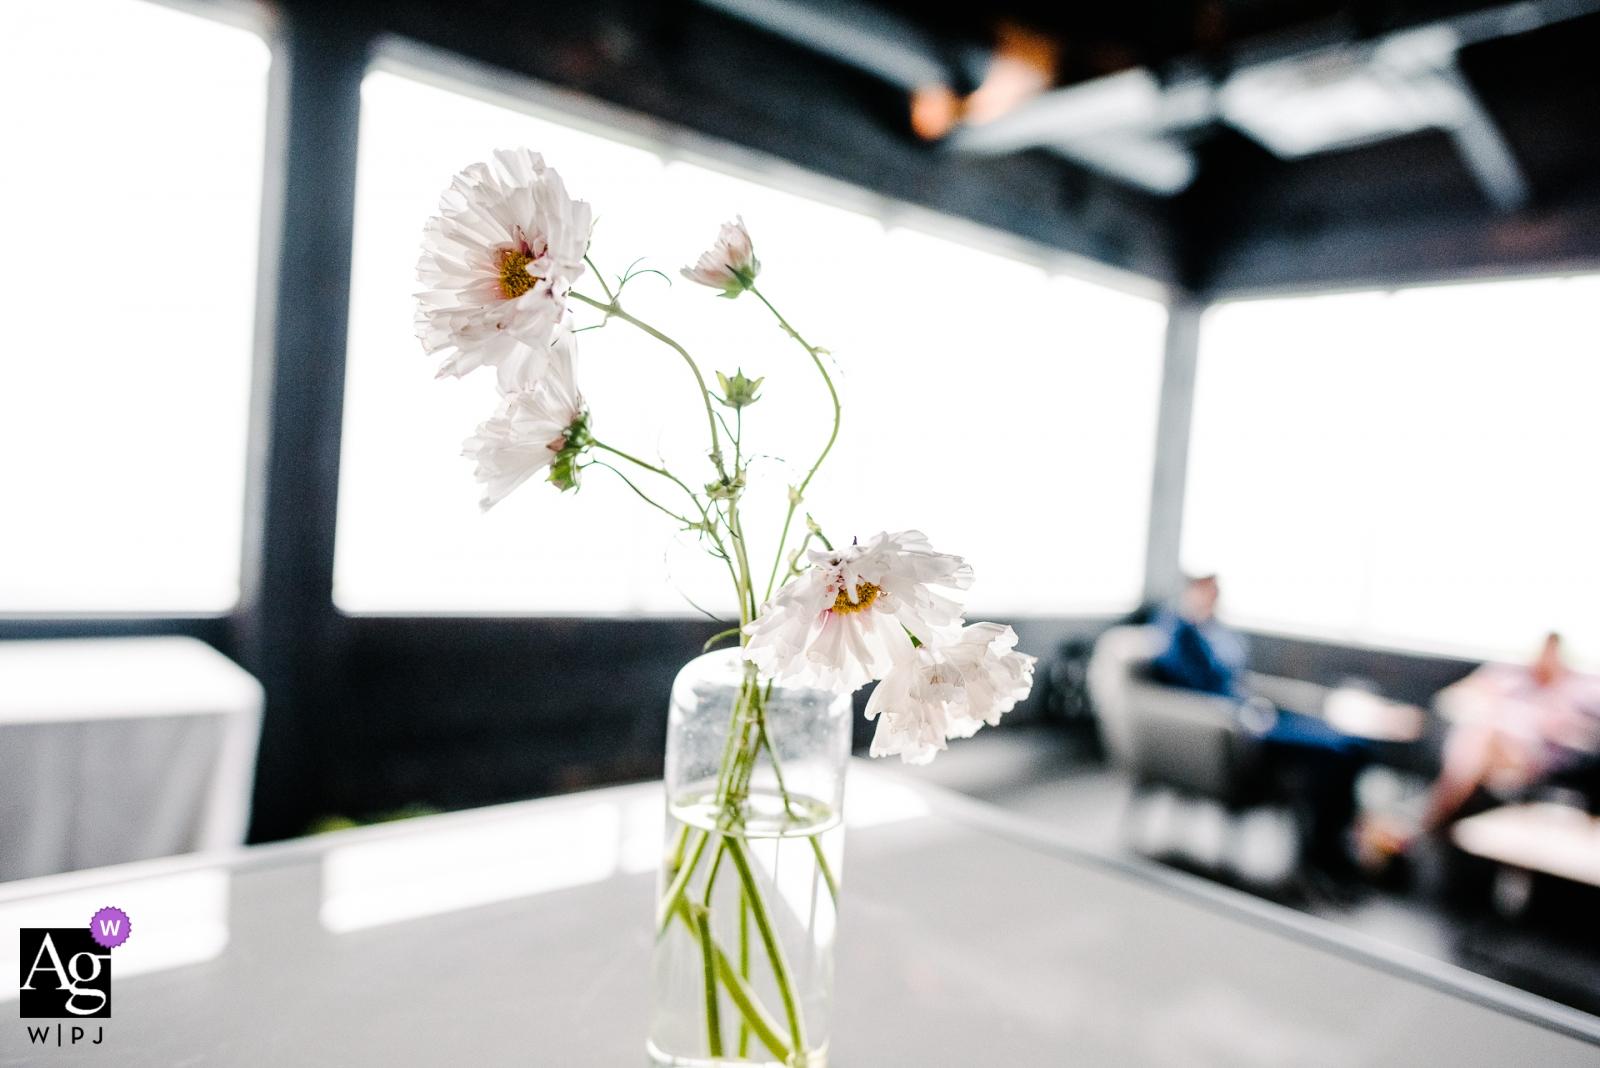 Veranstaltungsort für Hochzeitsempfänge in Ontario. Blumen auf einem Tisch.